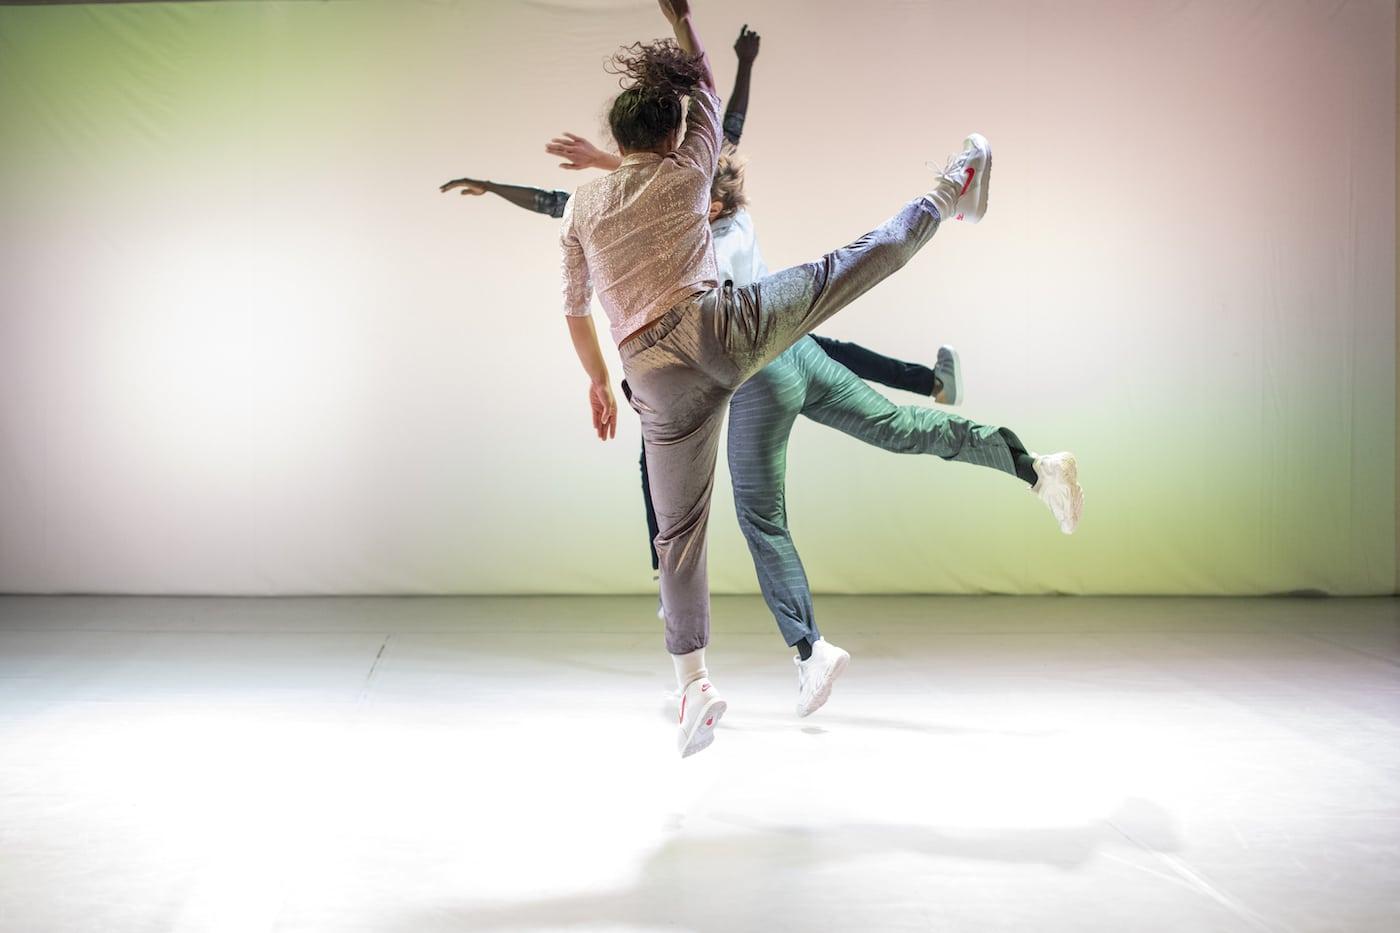 Tanz-Theater für Familien mit Kindern in Berlin // HIMBEER